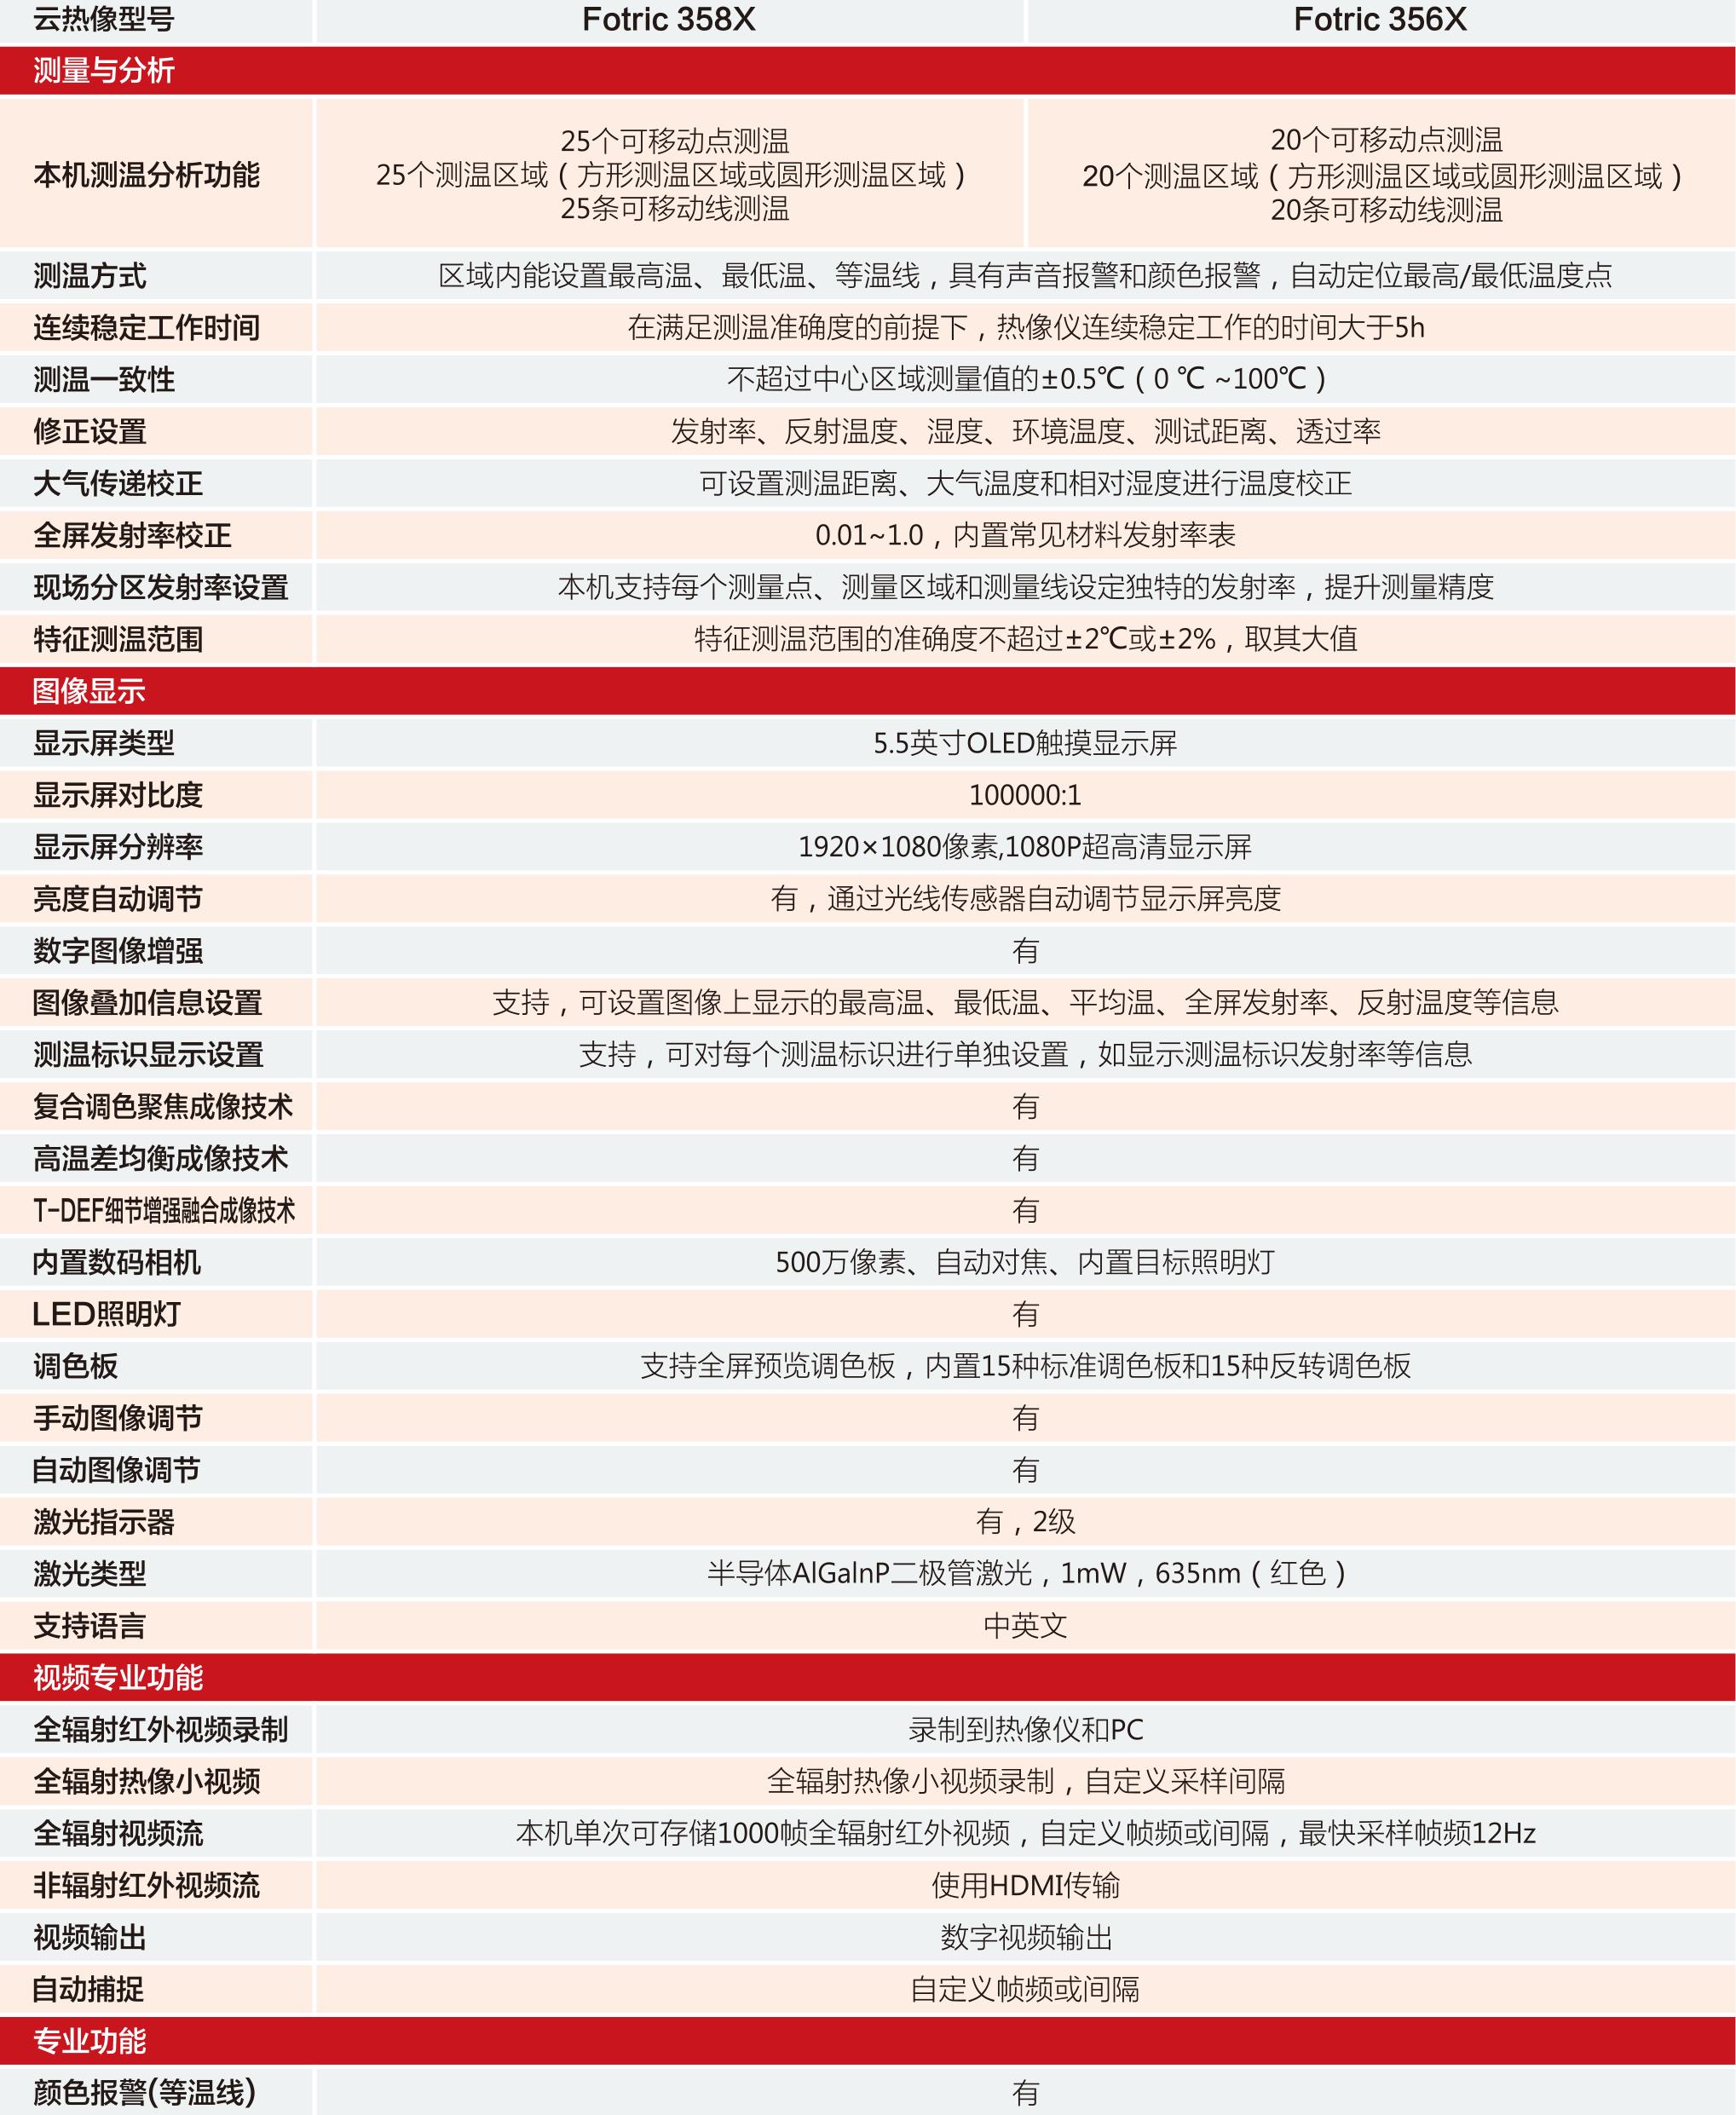 350x-para2.png